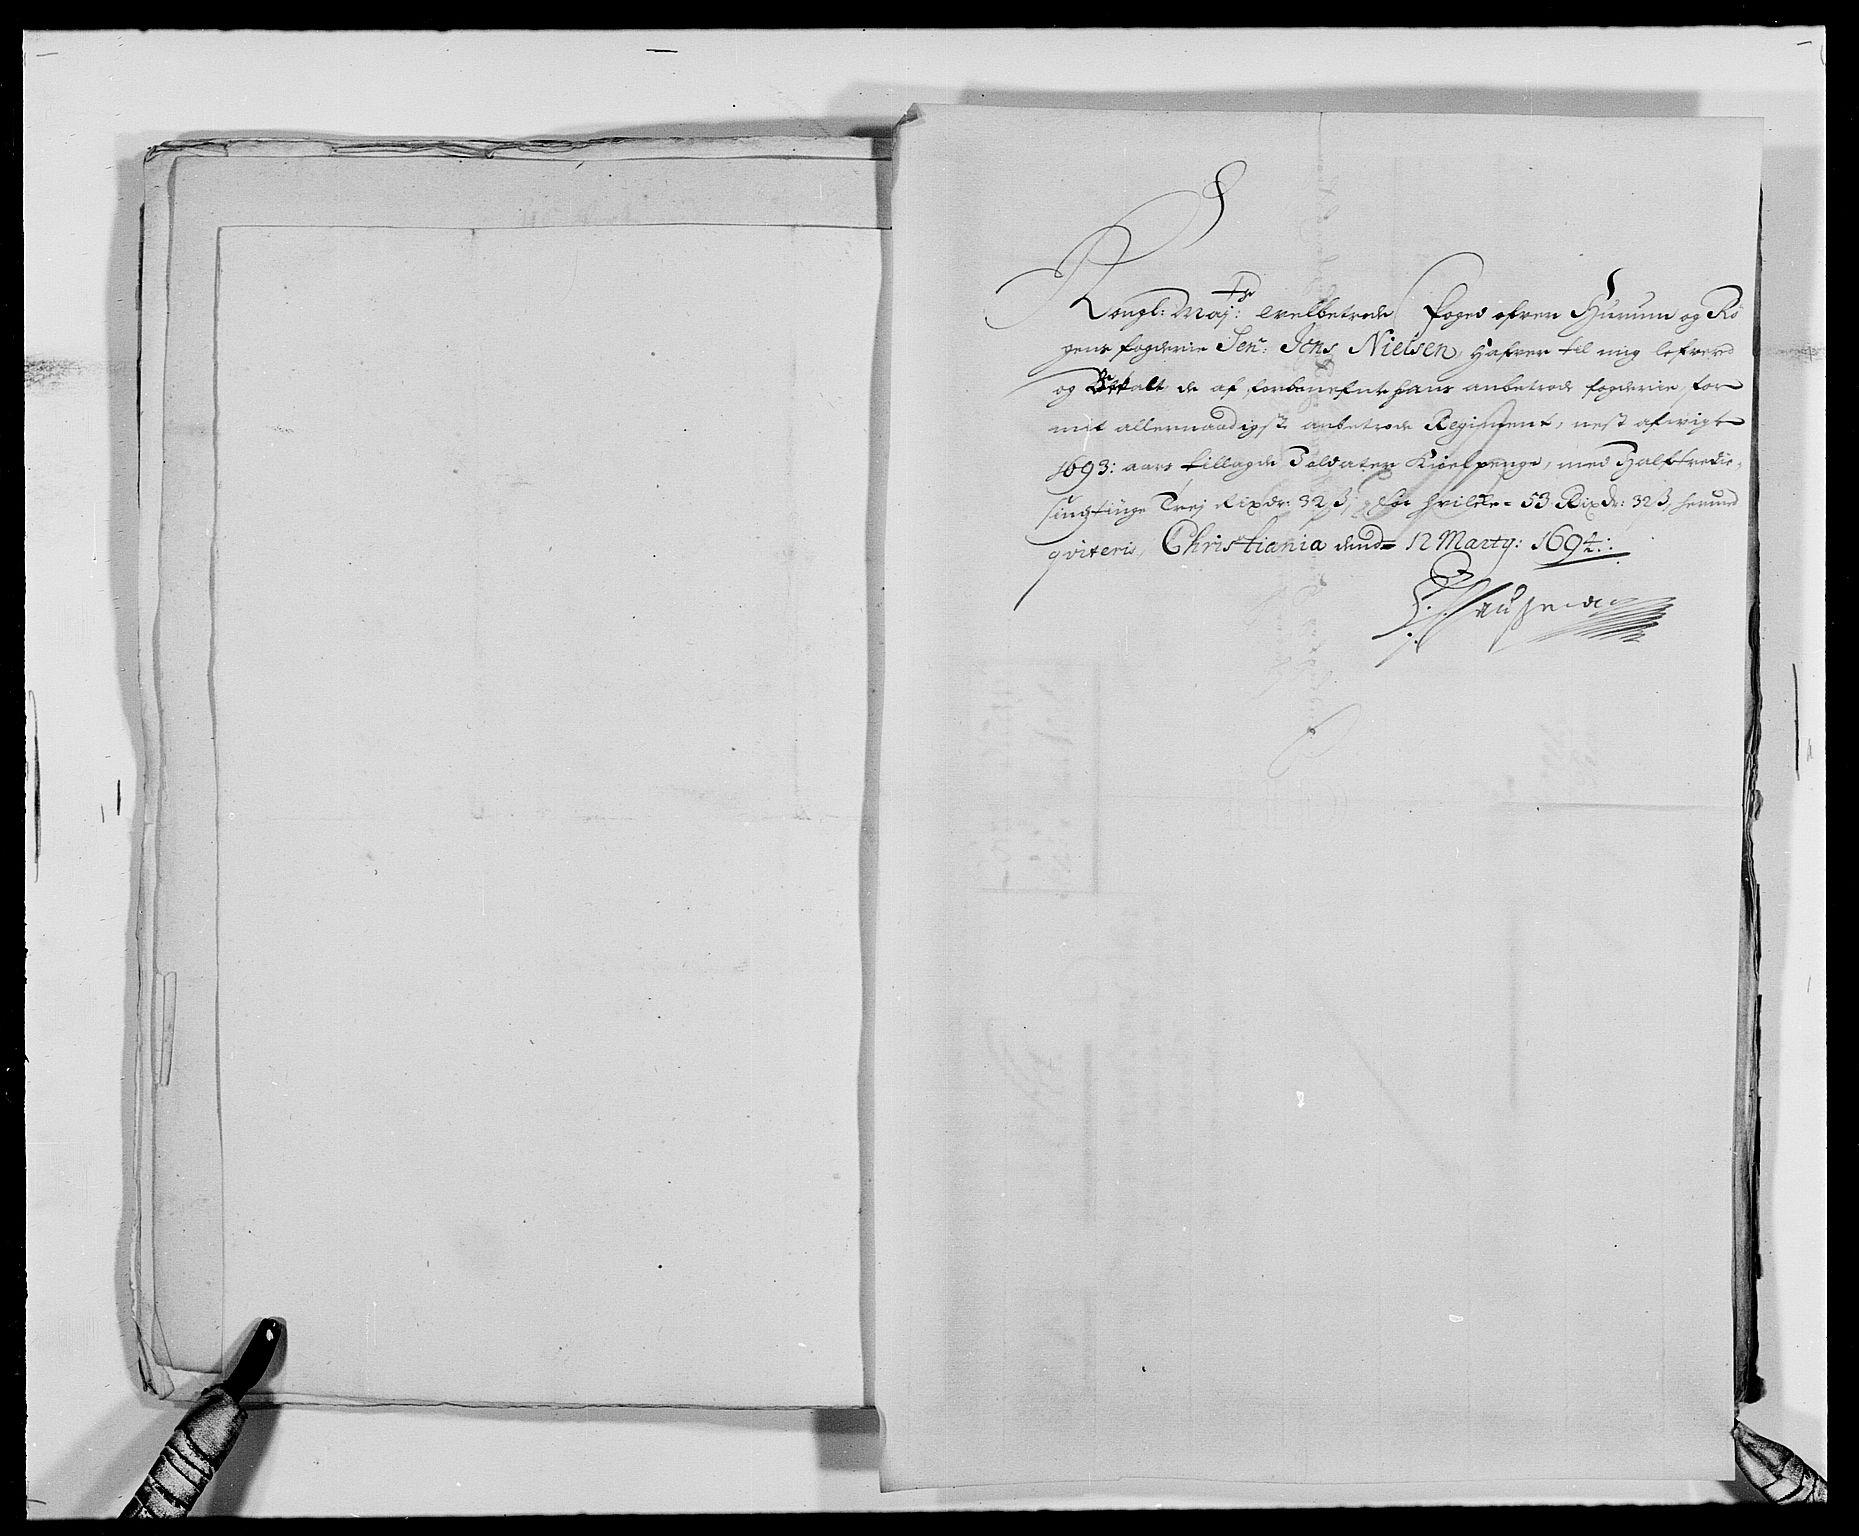 RA, Rentekammeret inntil 1814, Reviderte regnskaper, Fogderegnskap, R29/L1693: Fogderegnskap Hurum og Røyken, 1688-1693, s. 512